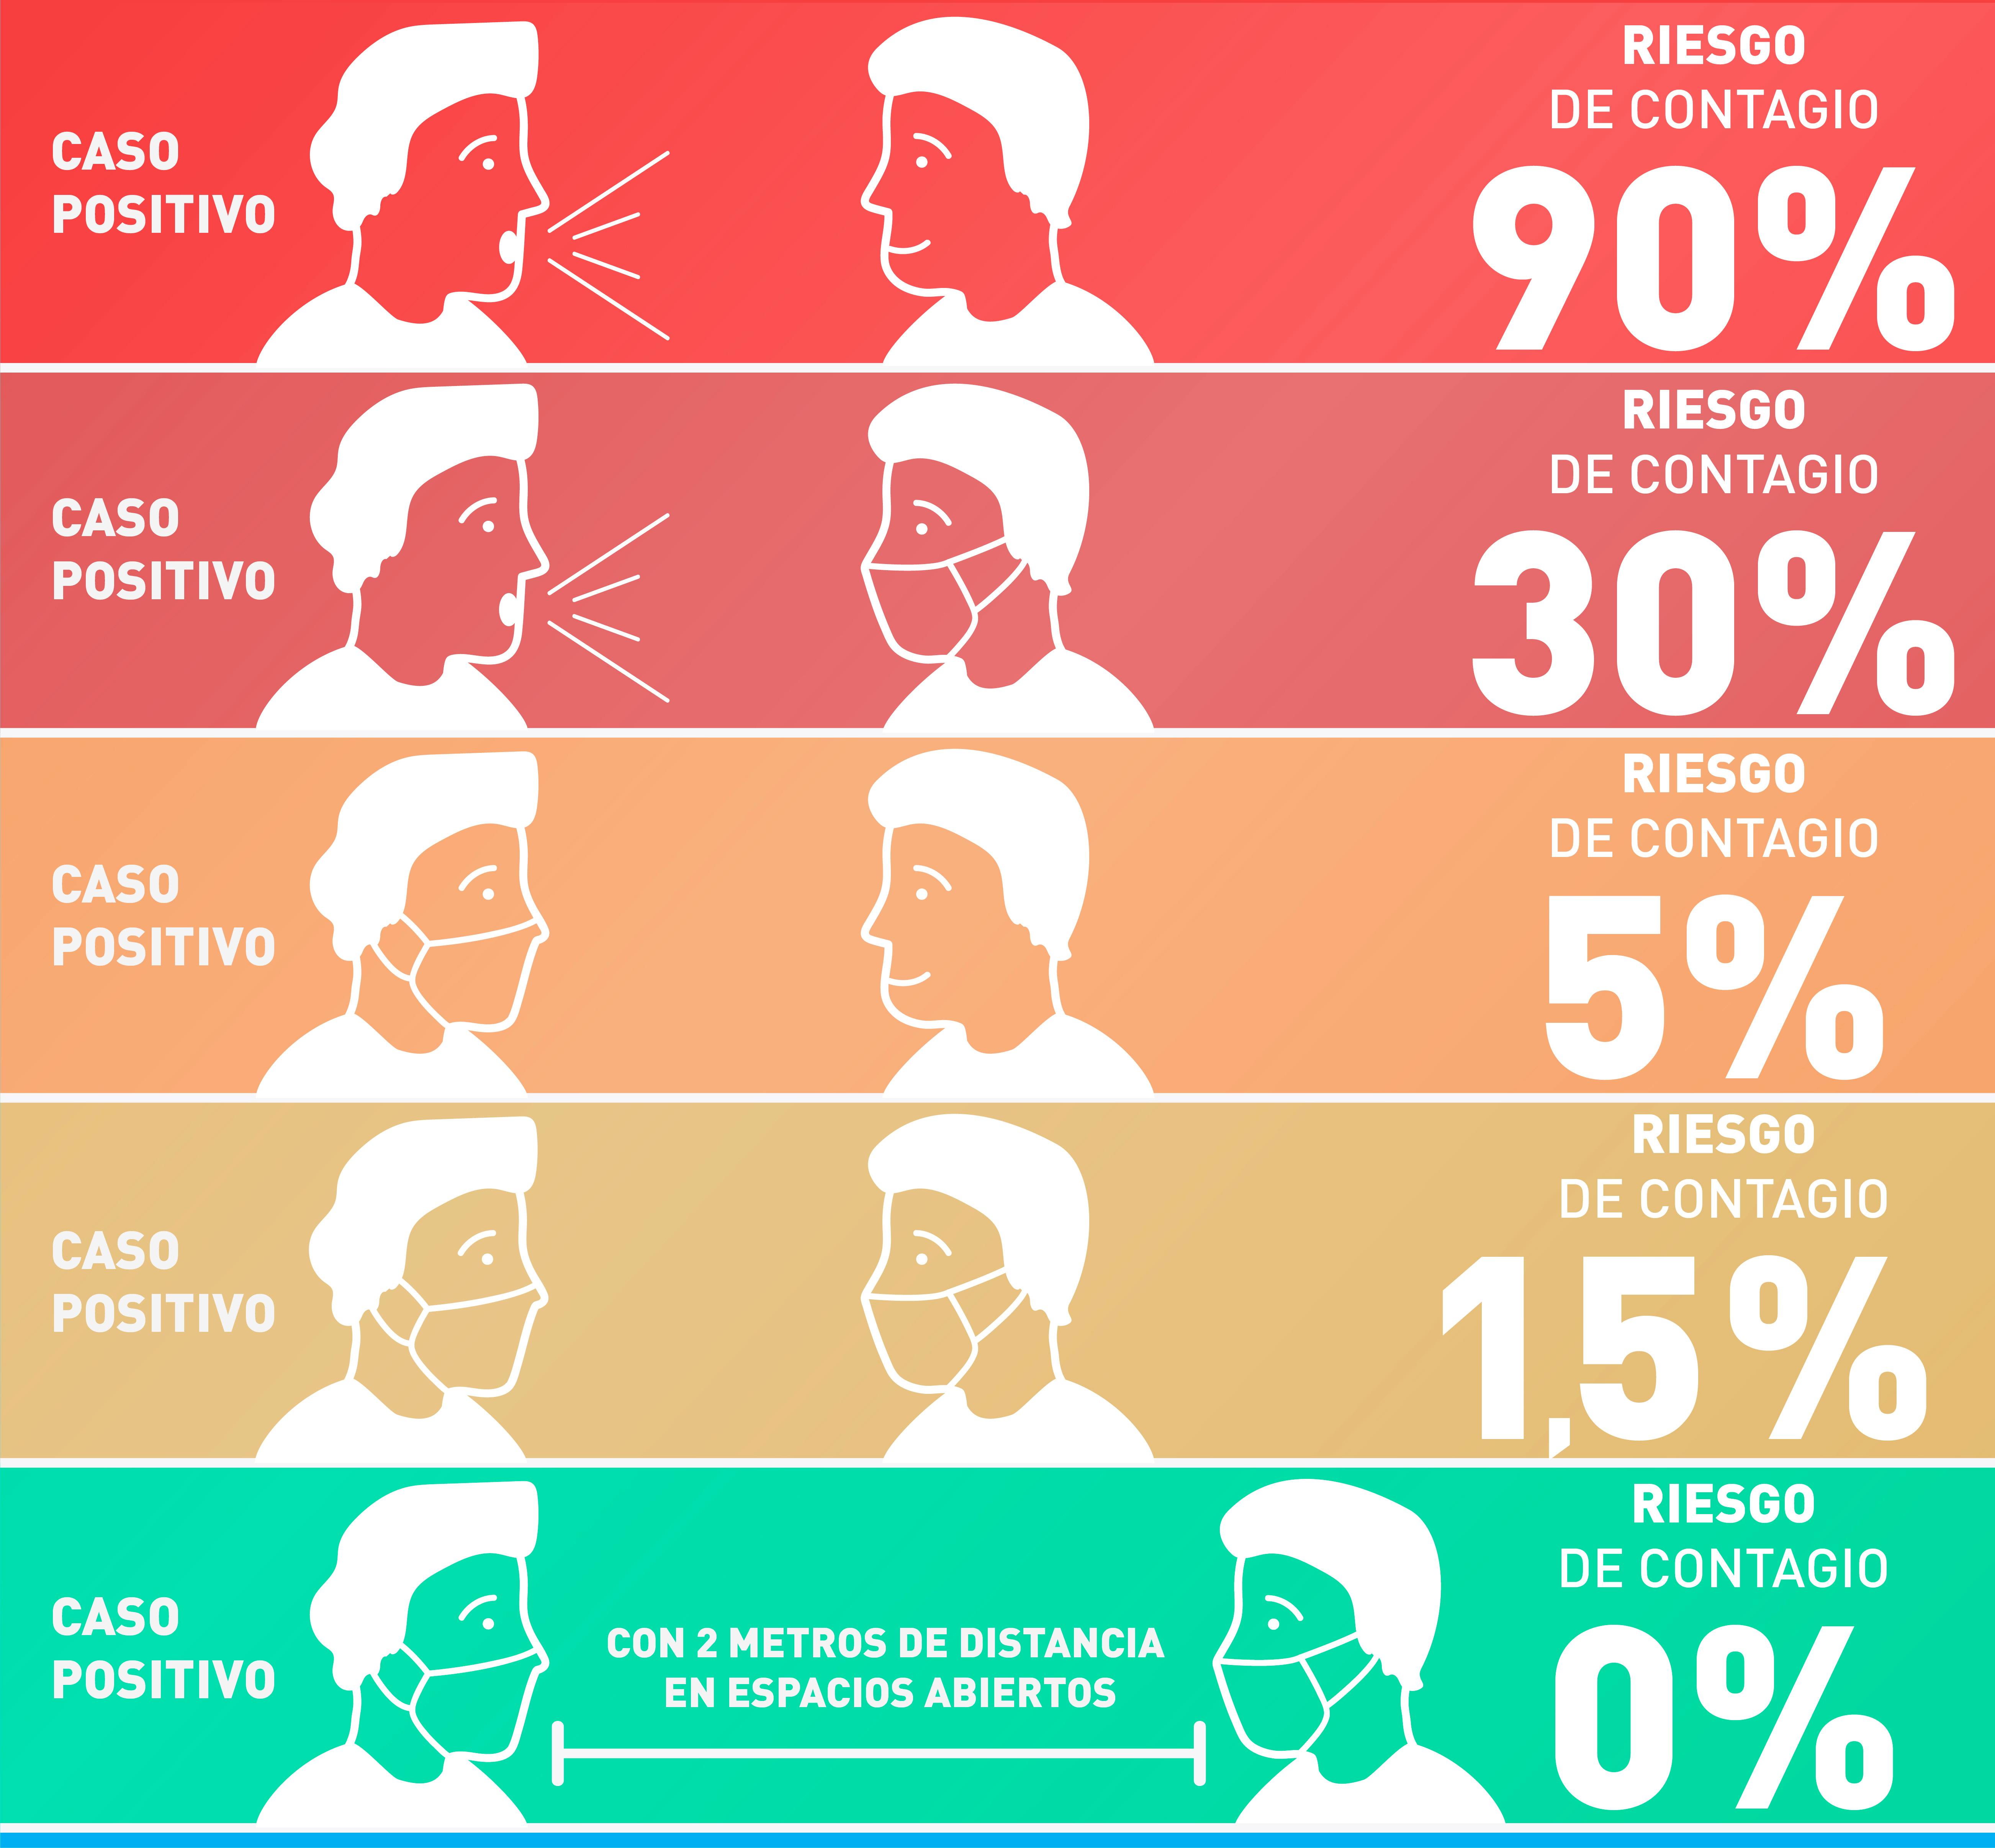 Te compartimos este gráfico que muestra la importancia del uso del barbijo